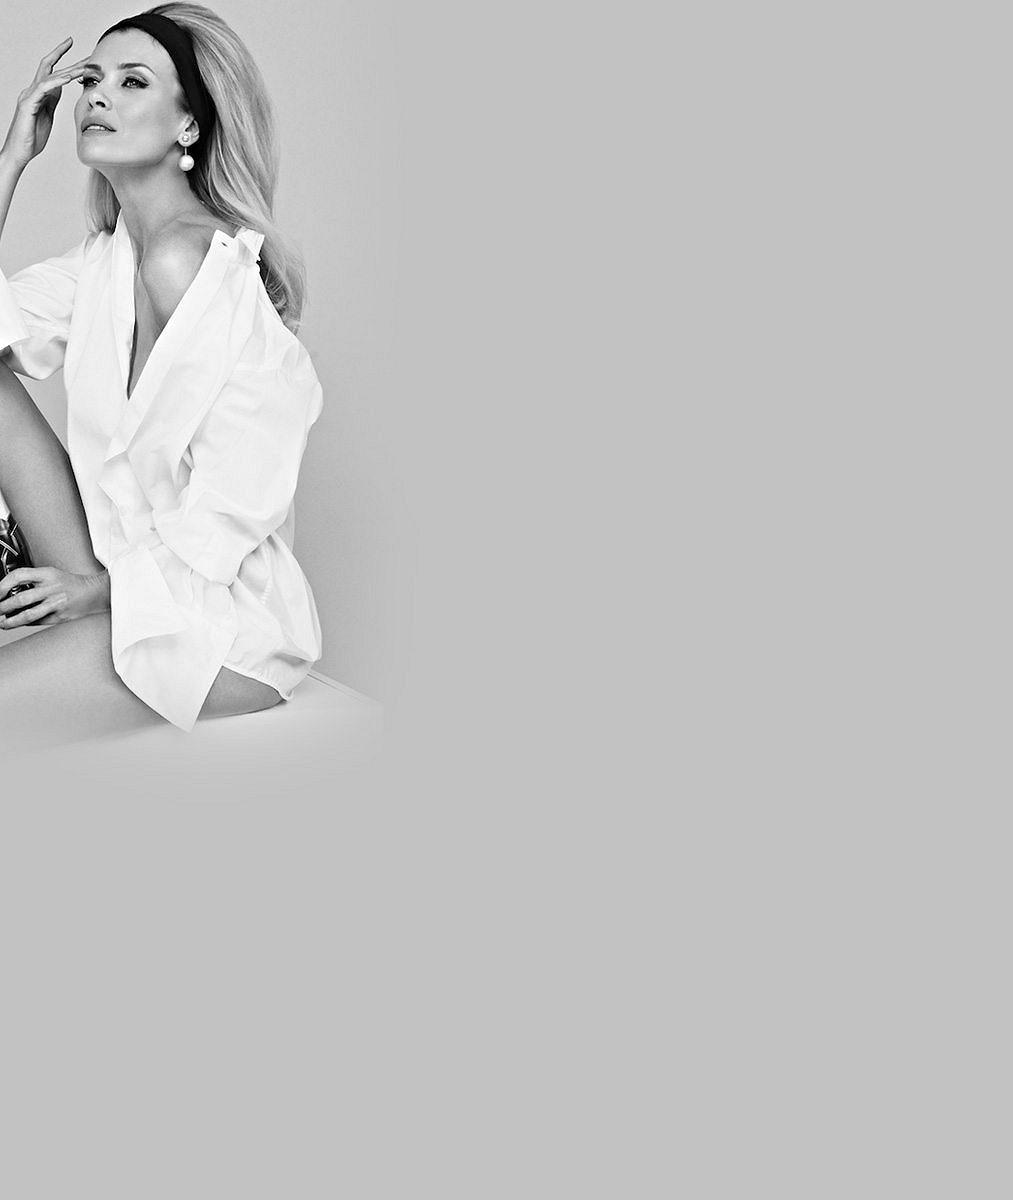 Fantastickou figuru odhalila v bílých krajkách: Daniela Peštová se ve Varech pochlubila vypracovaným bříškem